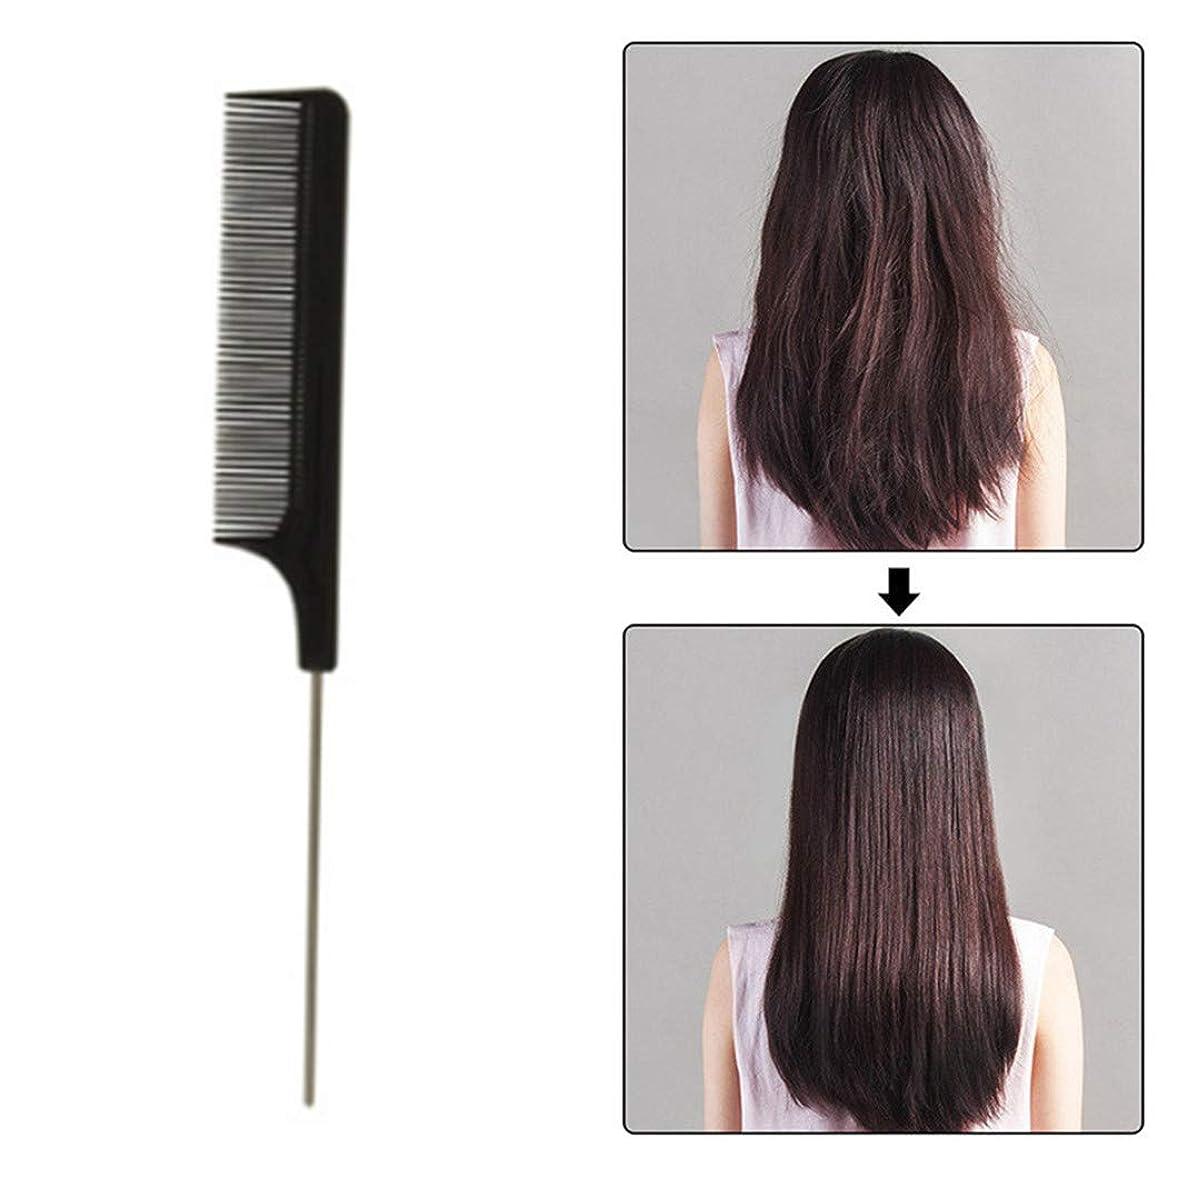 捧げる魅惑的な電気的Underleaf 黒の細かい櫛の金属ピン帯電防止ヘアスタイルの櫛のヘアスタイリング美容ツール